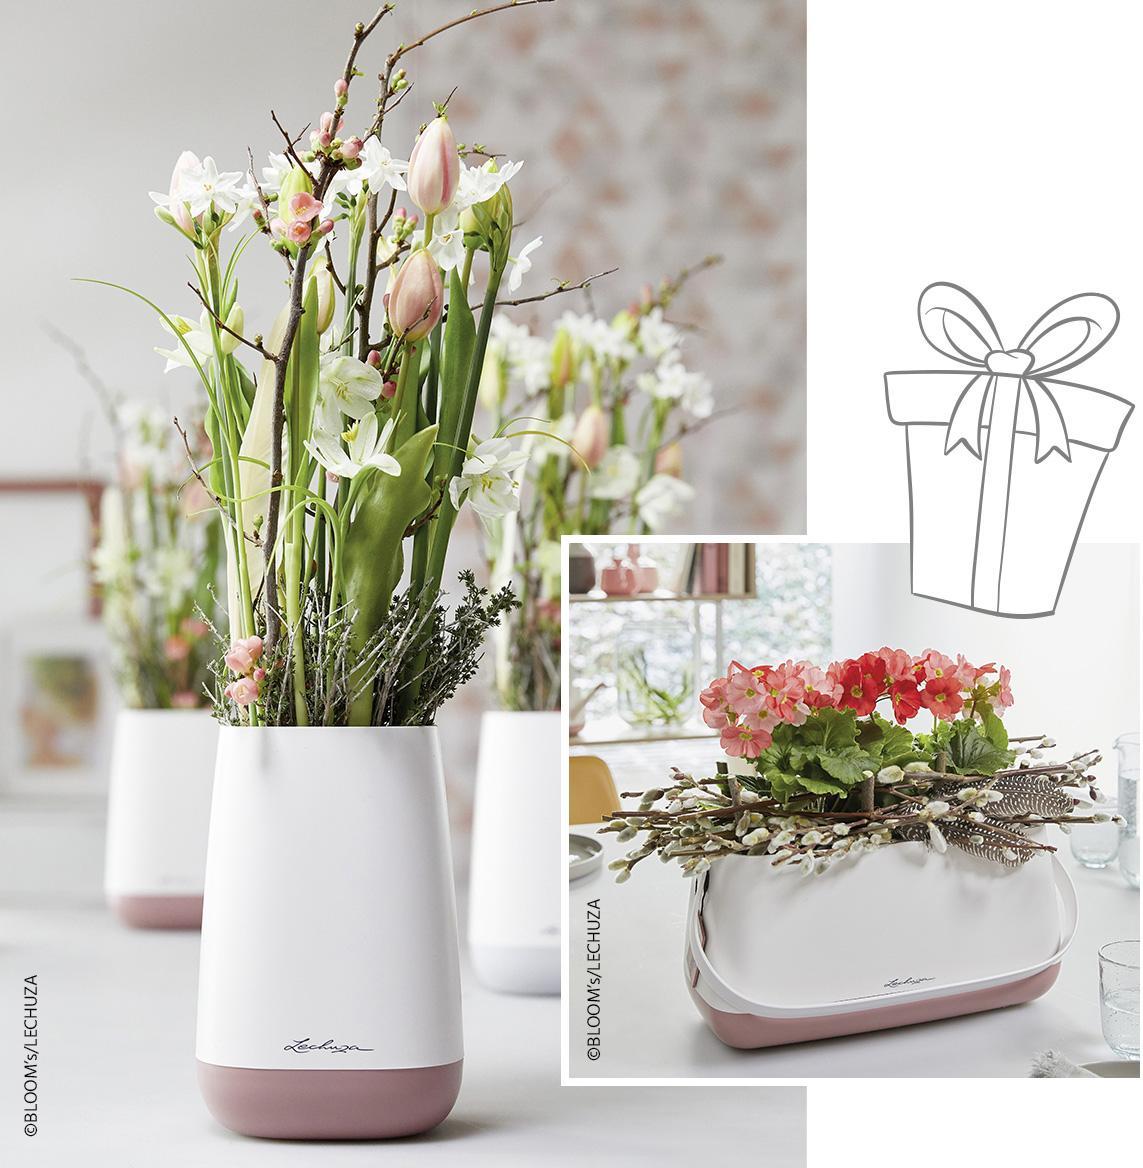 le_tw-gift-ideas_yula